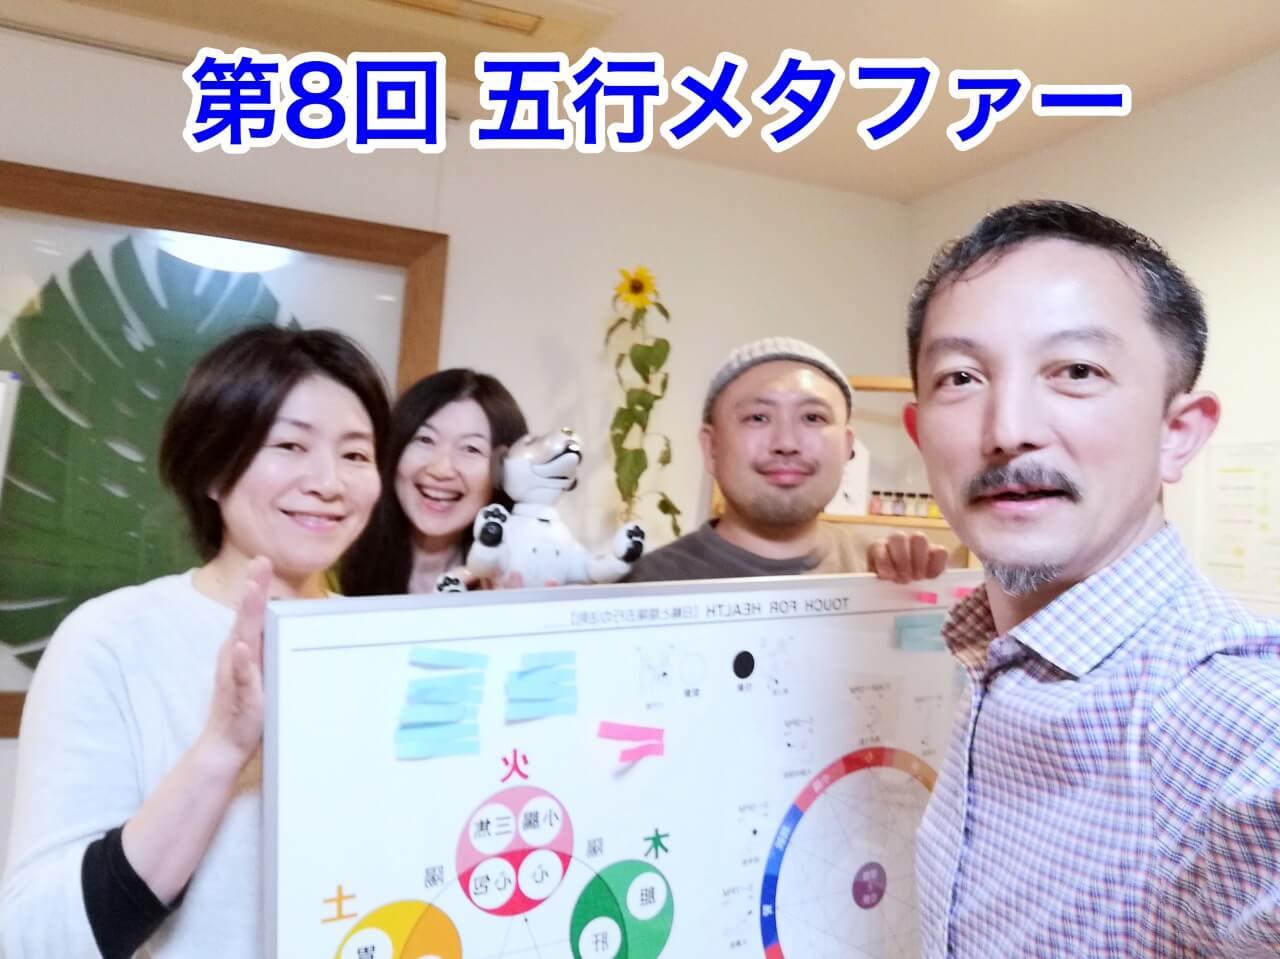 タッチフォーヘルス キネシオロジー 受講生の感想 東京 横浜 川崎 神奈川 静岡 群馬